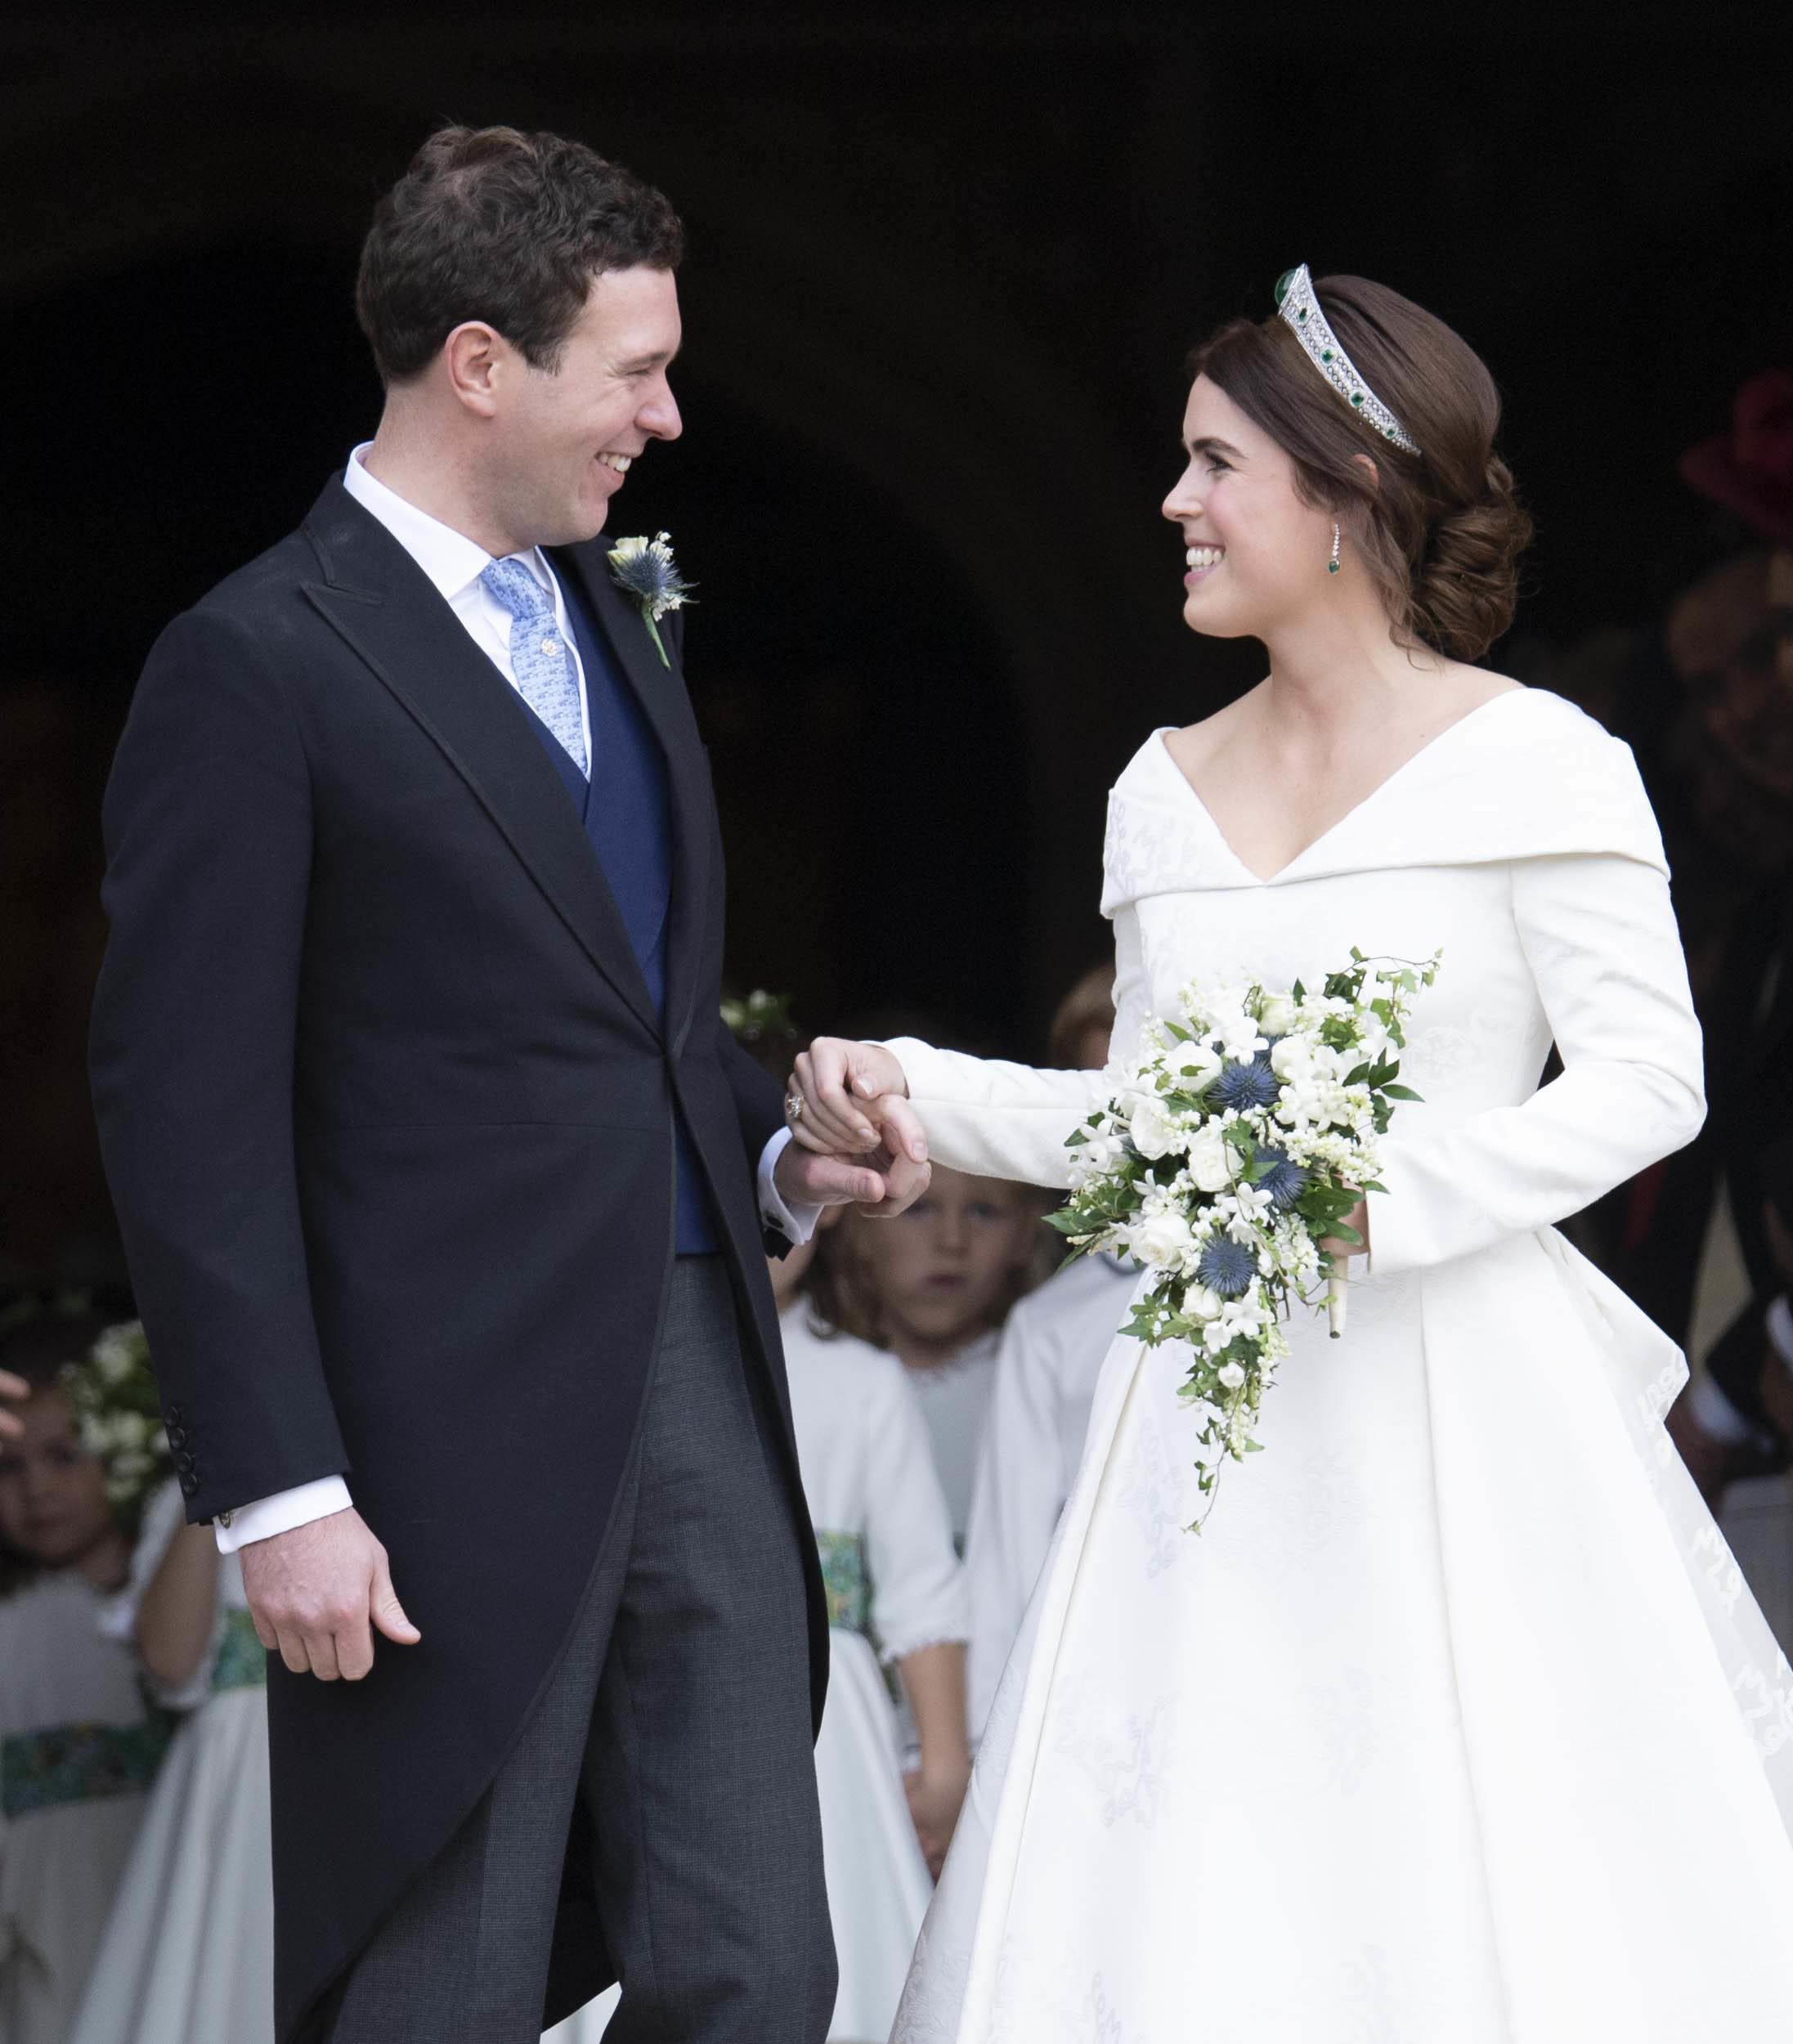 Royale Hochzeit: Ein Detail auf den Fotos sorgt für eine